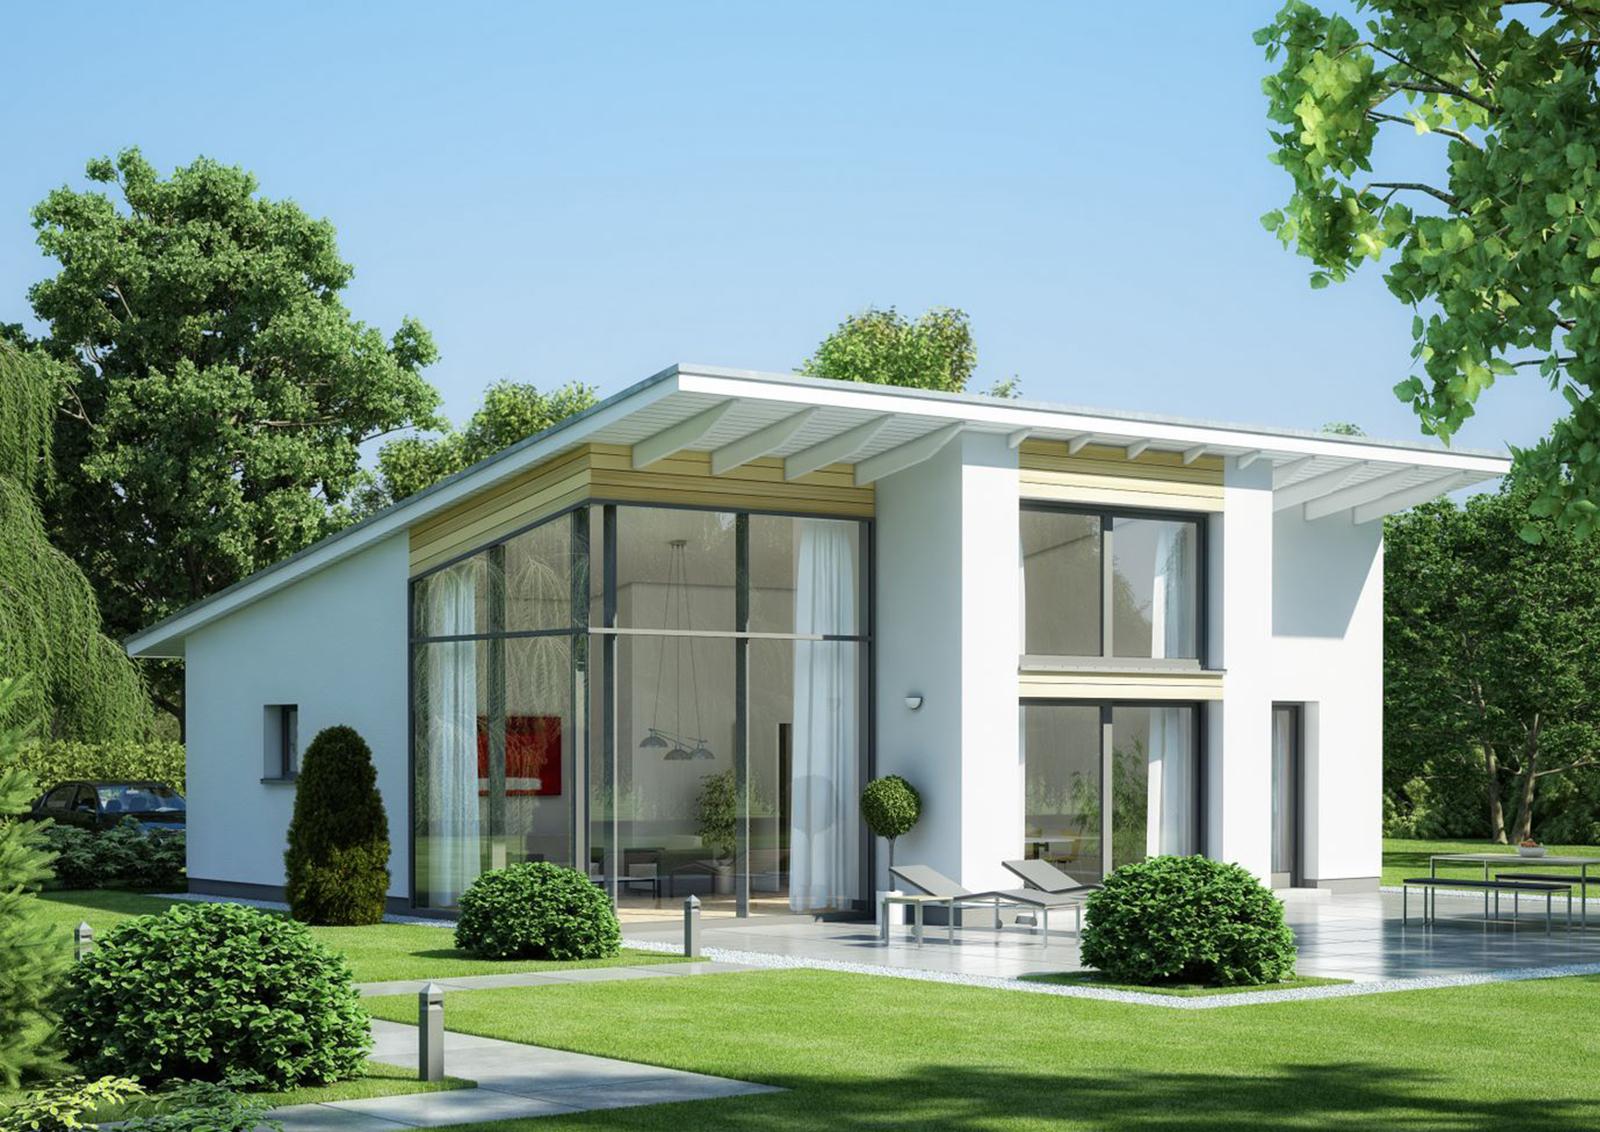 bungalow 147 energiesparhausplus. Black Bedroom Furniture Sets. Home Design Ideas